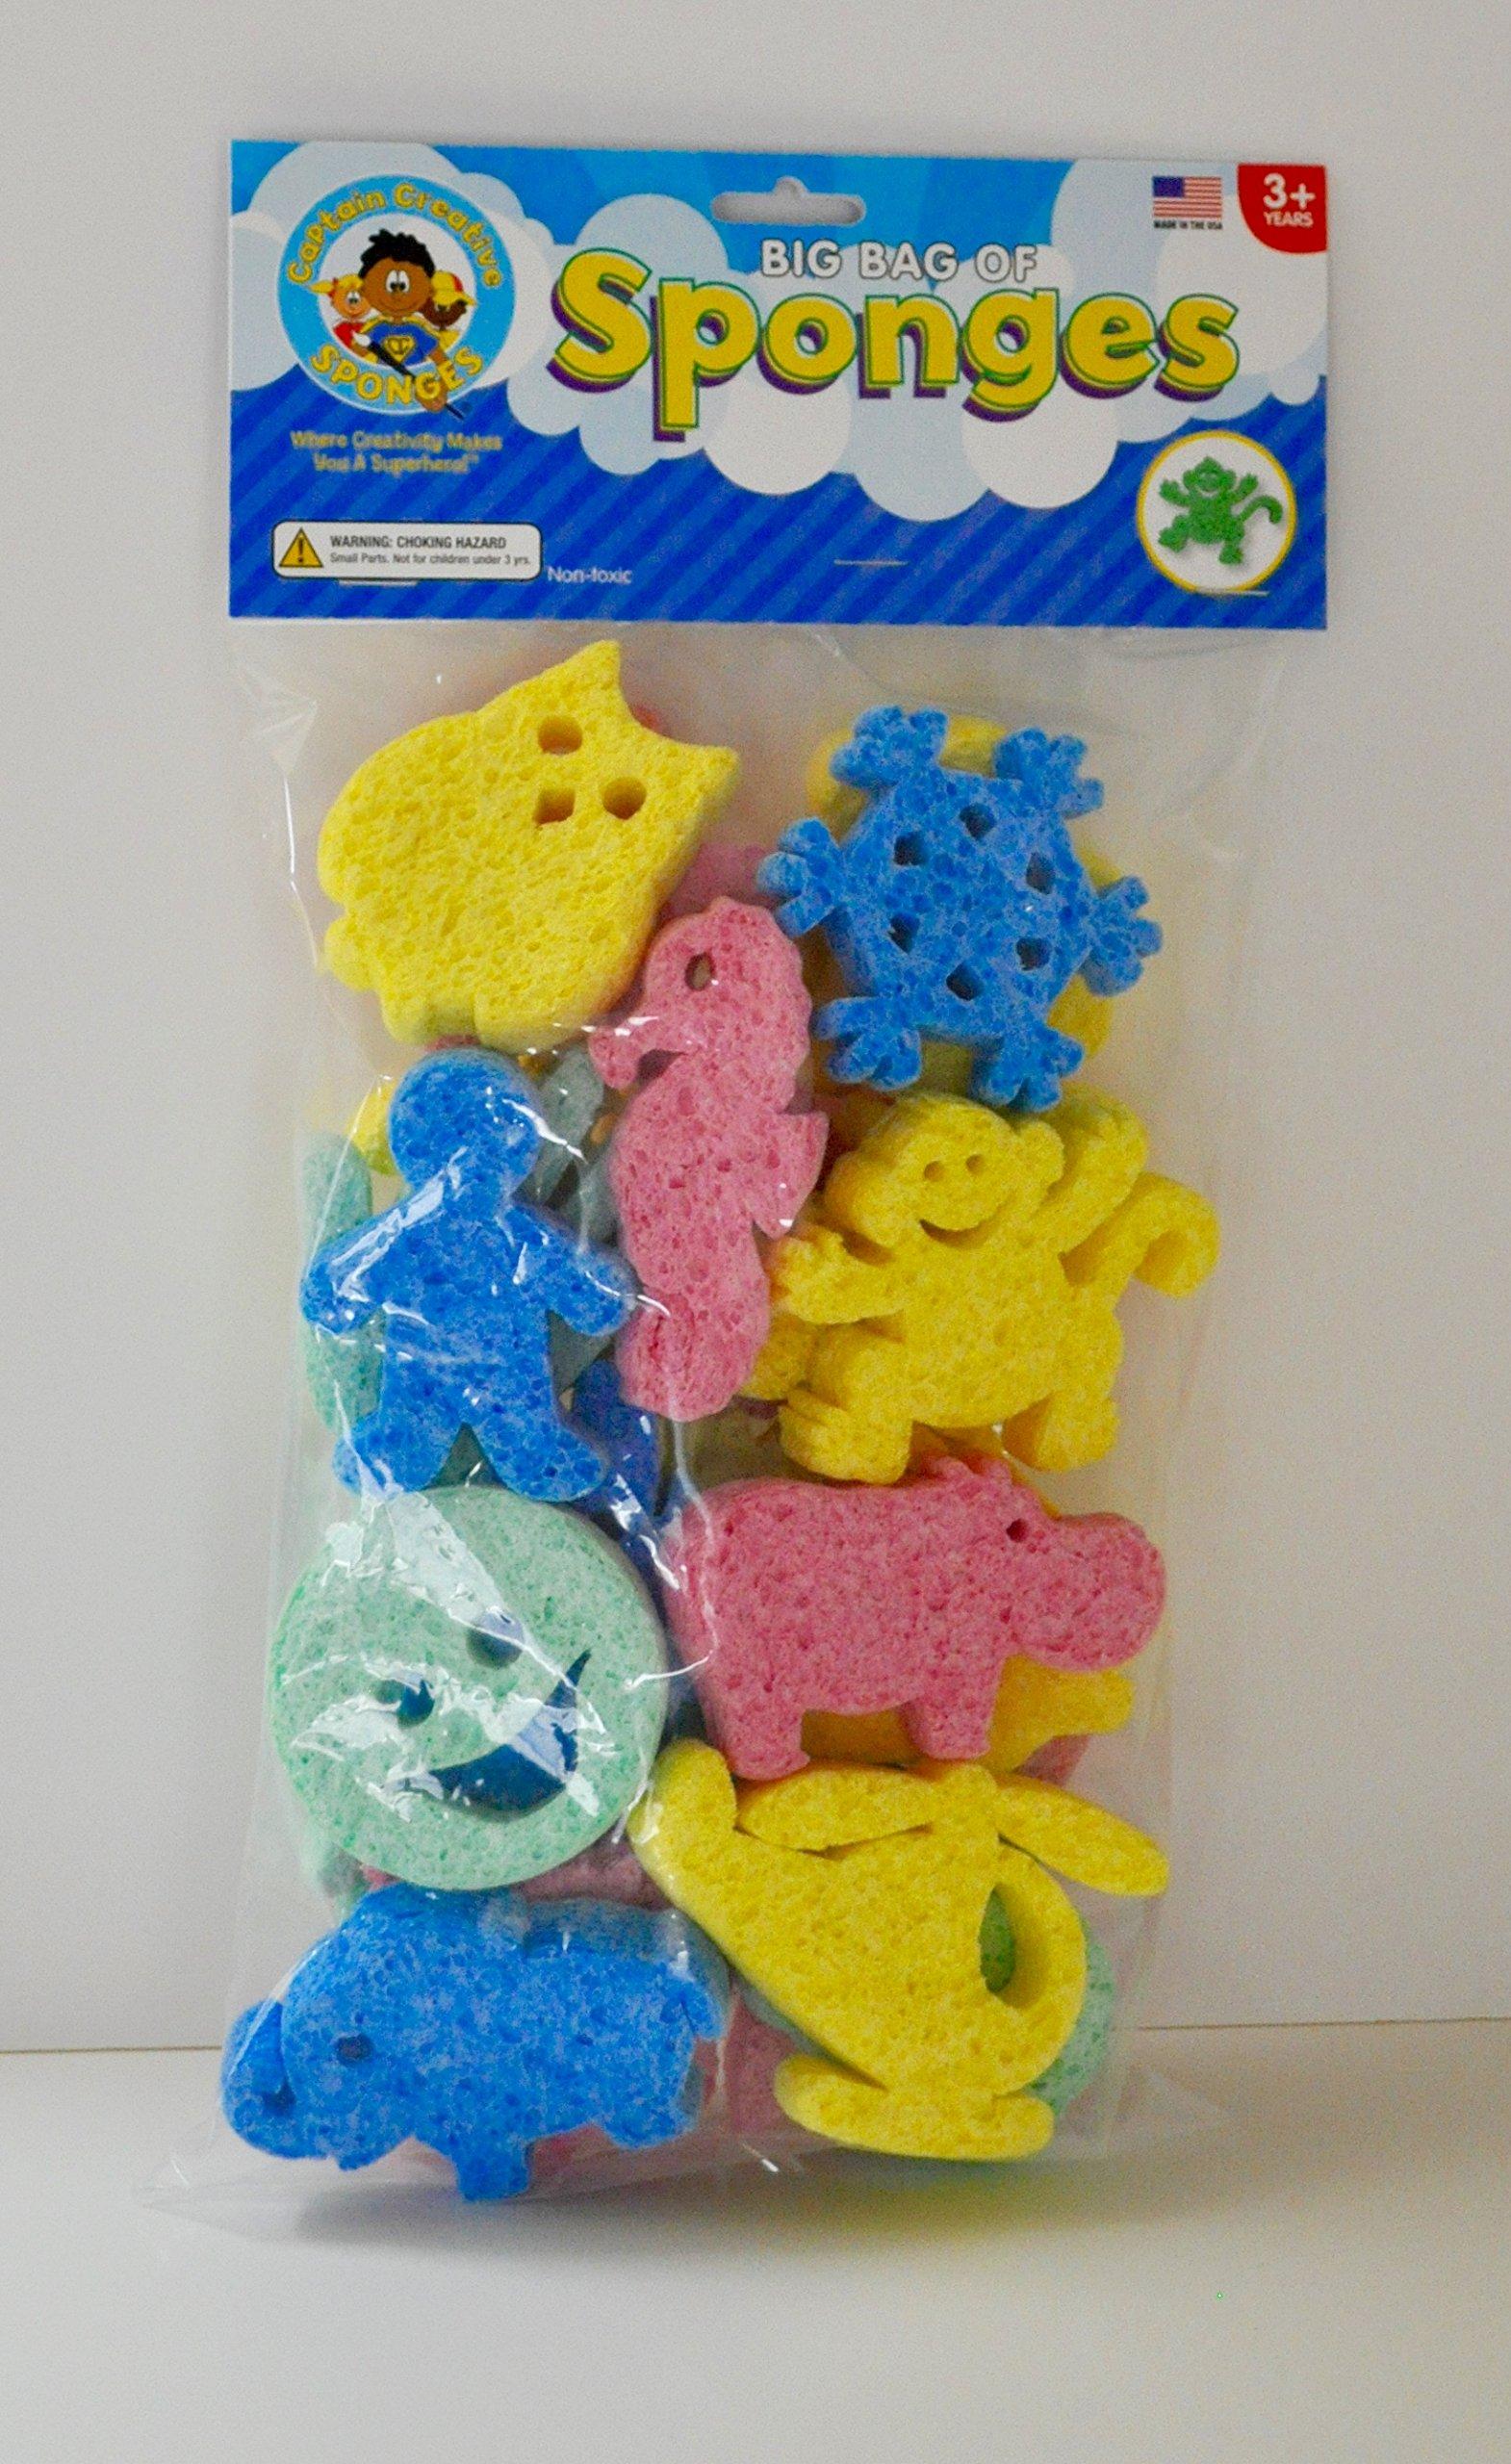 Big Bag of Sponges for Sponge Painting 20 in package